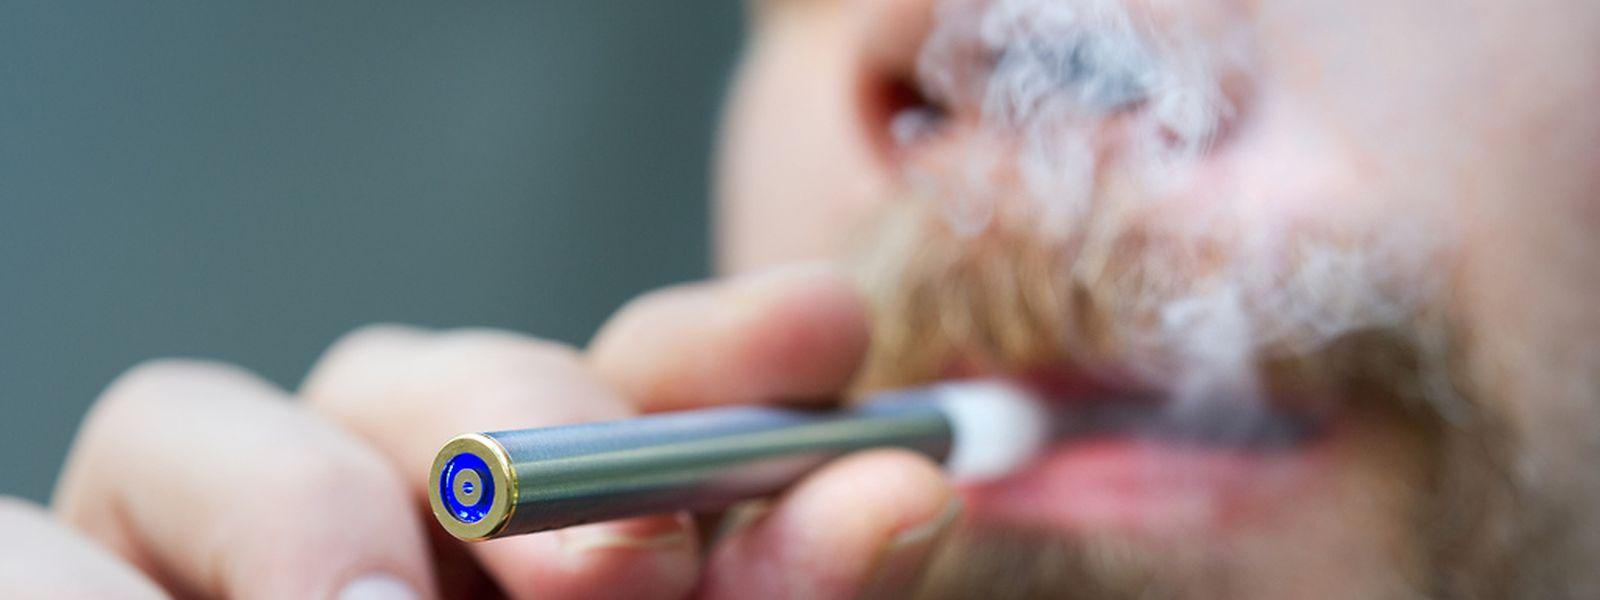 Mit der E-Zigarette vom Tabak loskommen? Keine gute Idee, denn das Dampfen füttert das Suchtgedächtnis von Rauchern.